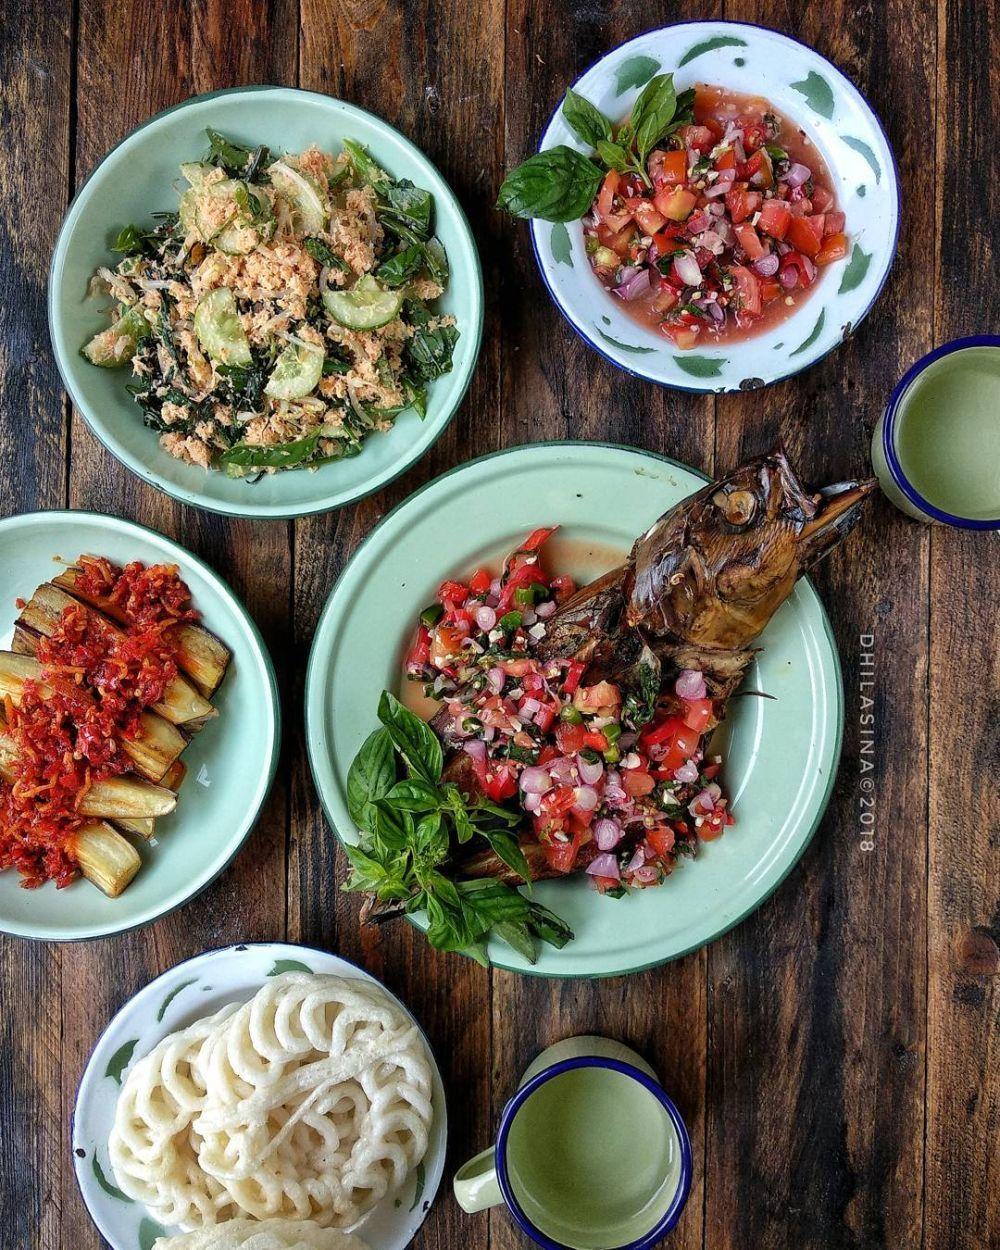 Pin Oleh Isdanita Di Food Receipes Resep Makanan Resep Masakan Asia Resep Masakan Indonesia